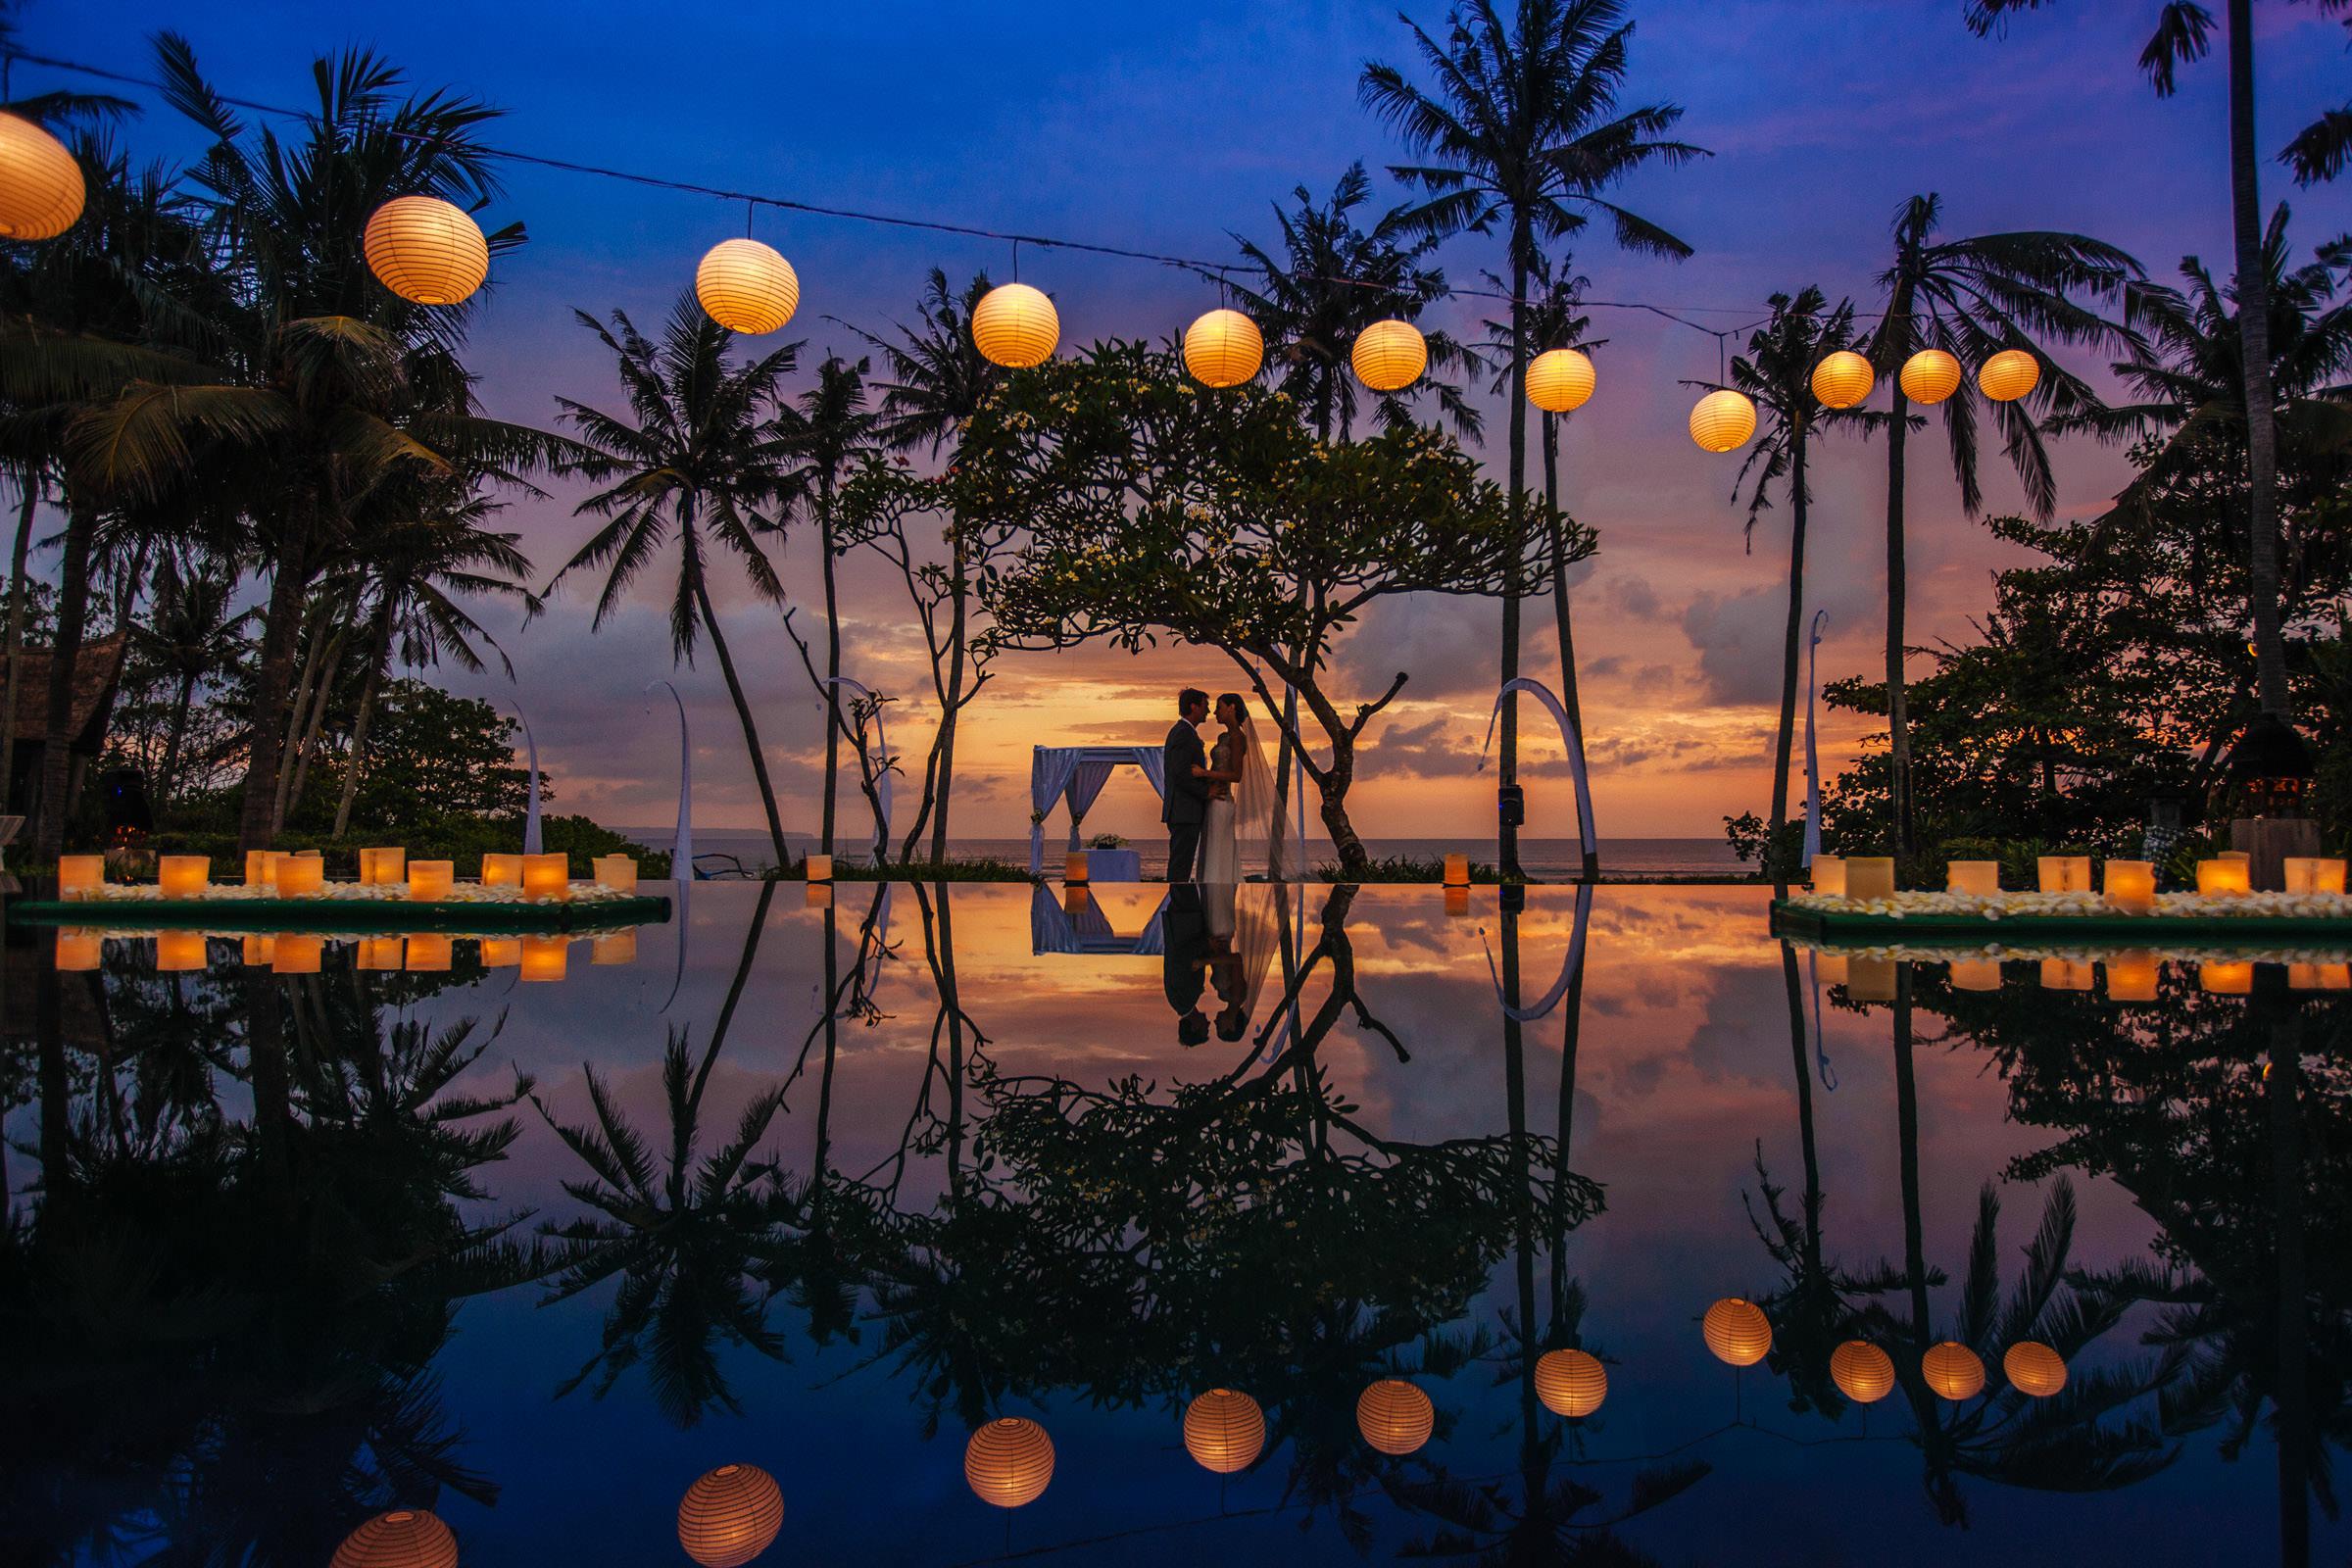 Couple against lanterns at sunset - Photo by Wainwright Weddings